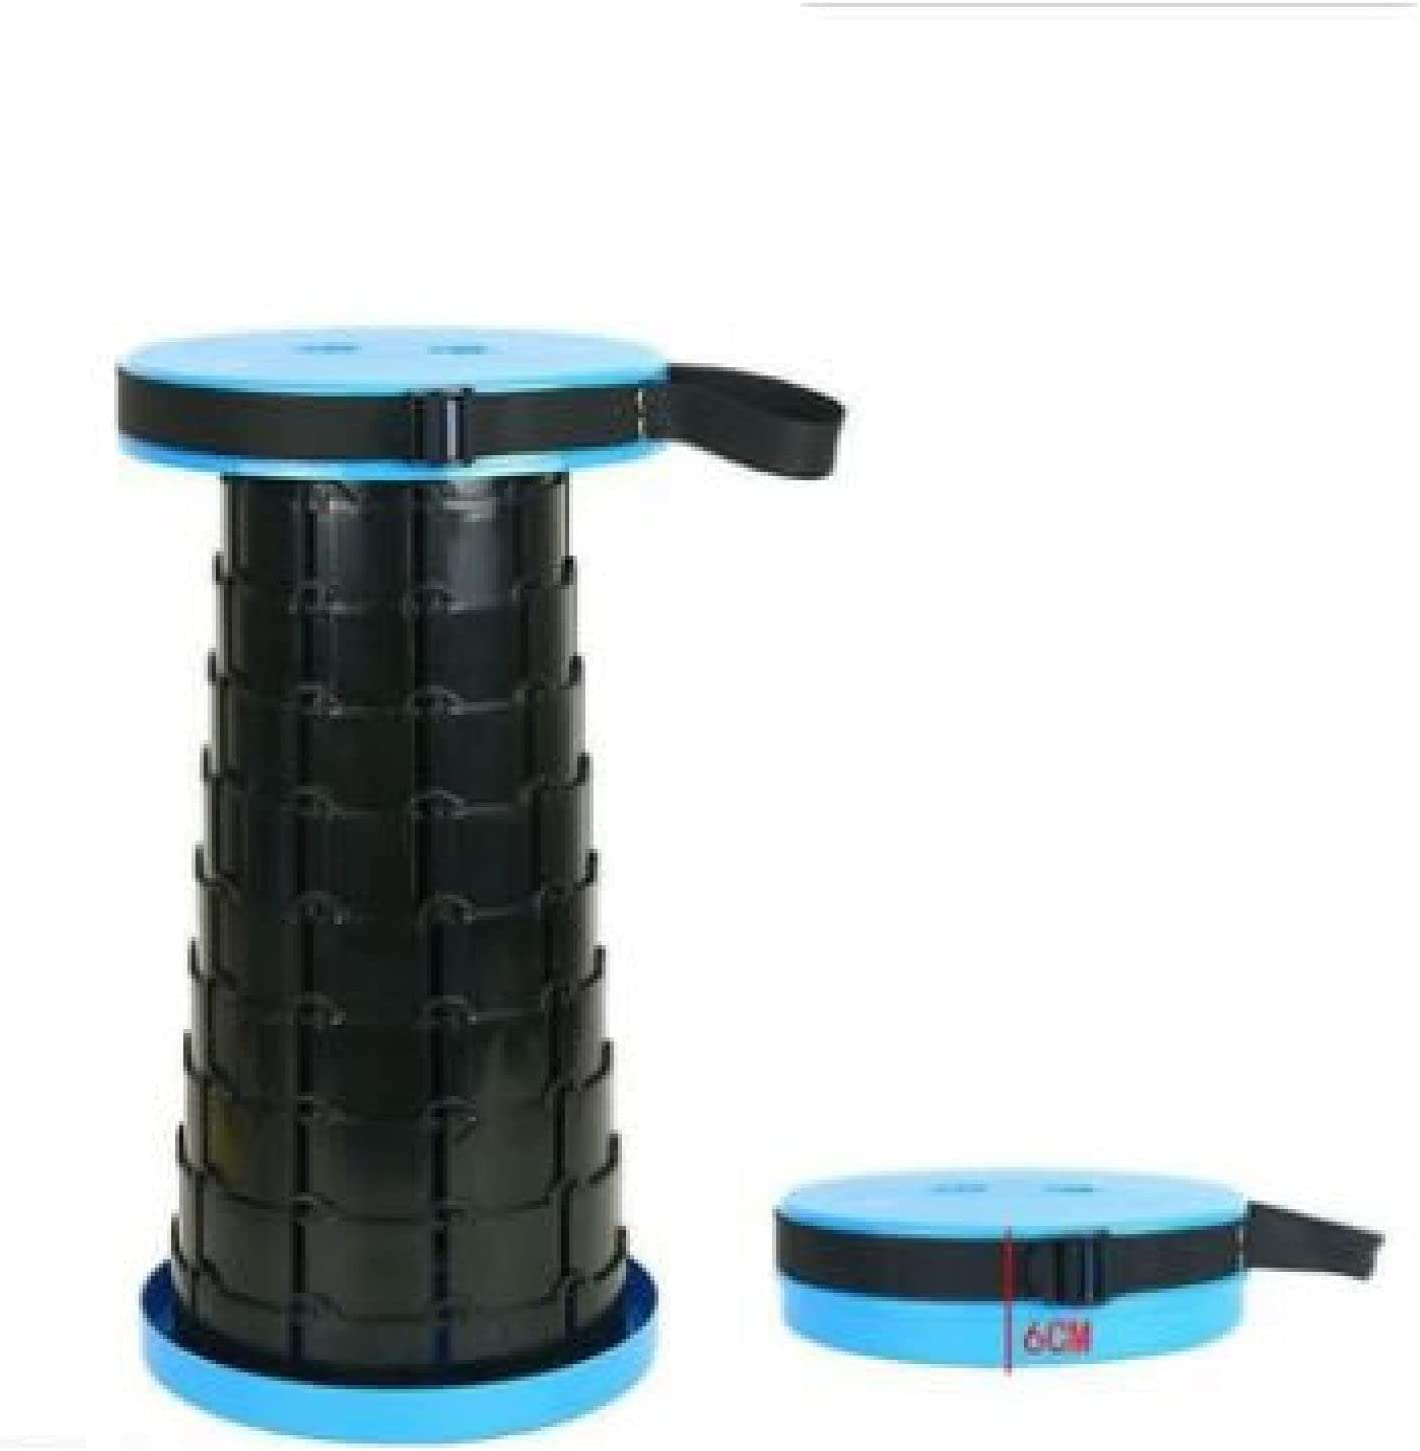 IADZ Taburete Plegable, retráctil, Plegable, telescópico, Ligero con Capacidad de Carga de 400 Libras, excelente para Acampar para niños y Adultos